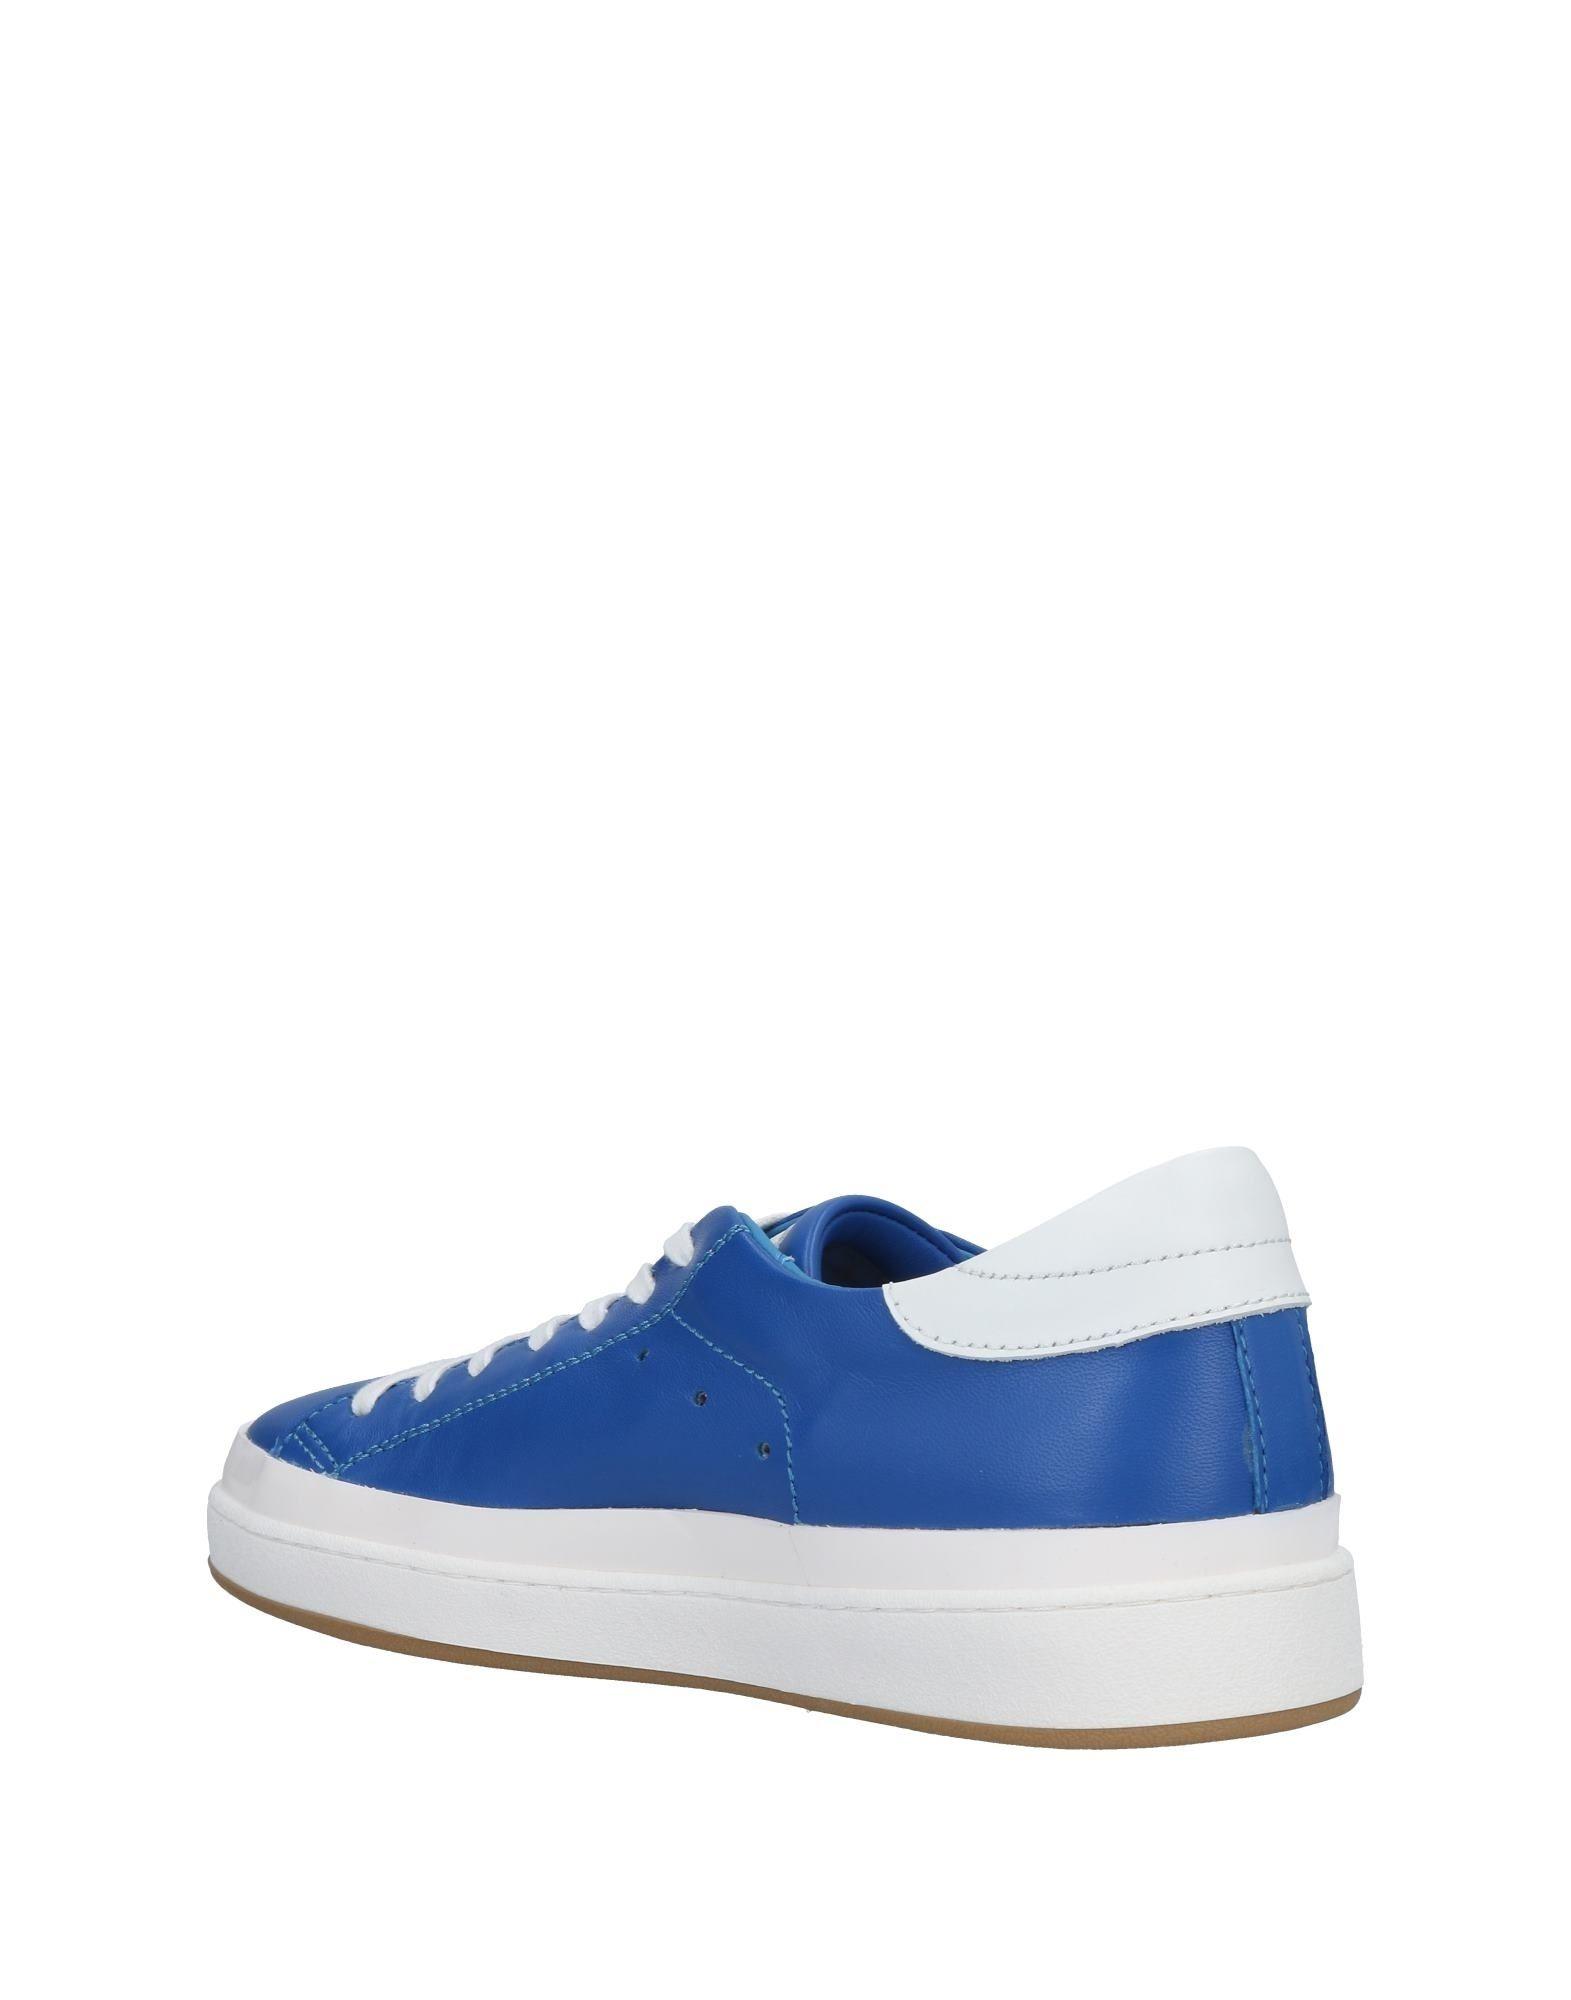 Philippe Herren Model Sneakers Herren Philippe  11354291XG 846c2f